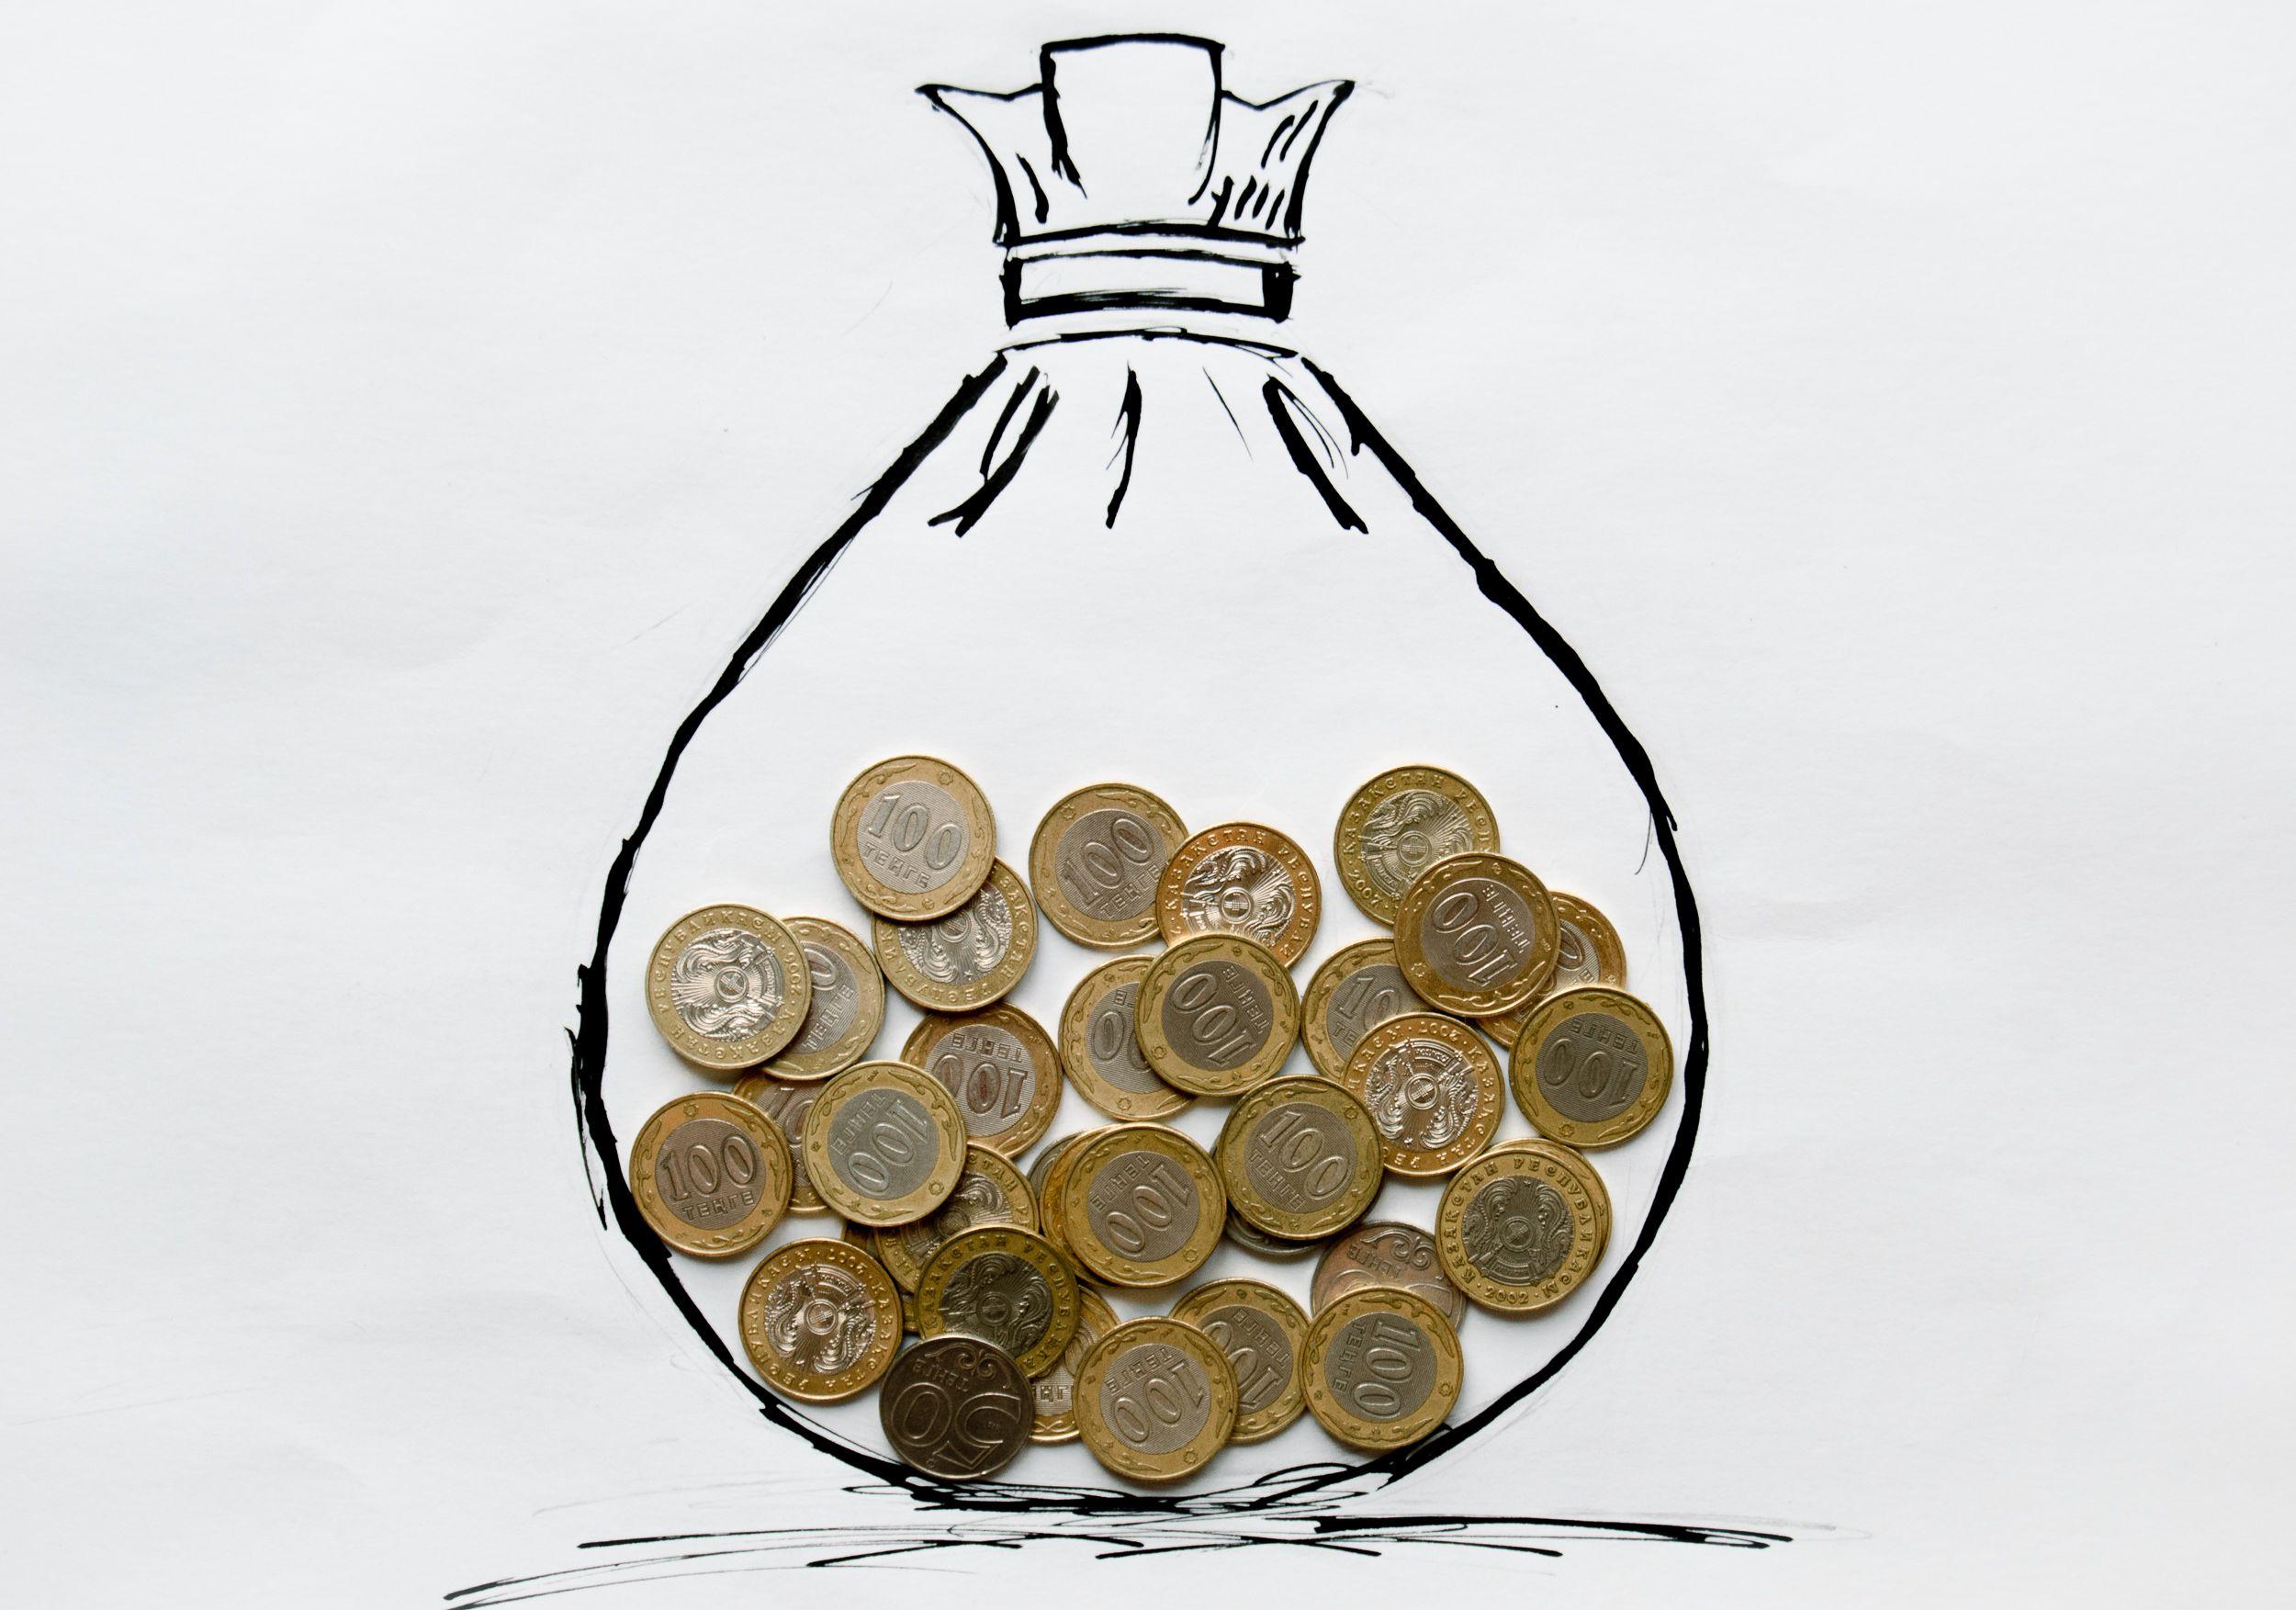 Базовые параметры бюджета сохранены на прежнем уровне - Kapital.kz